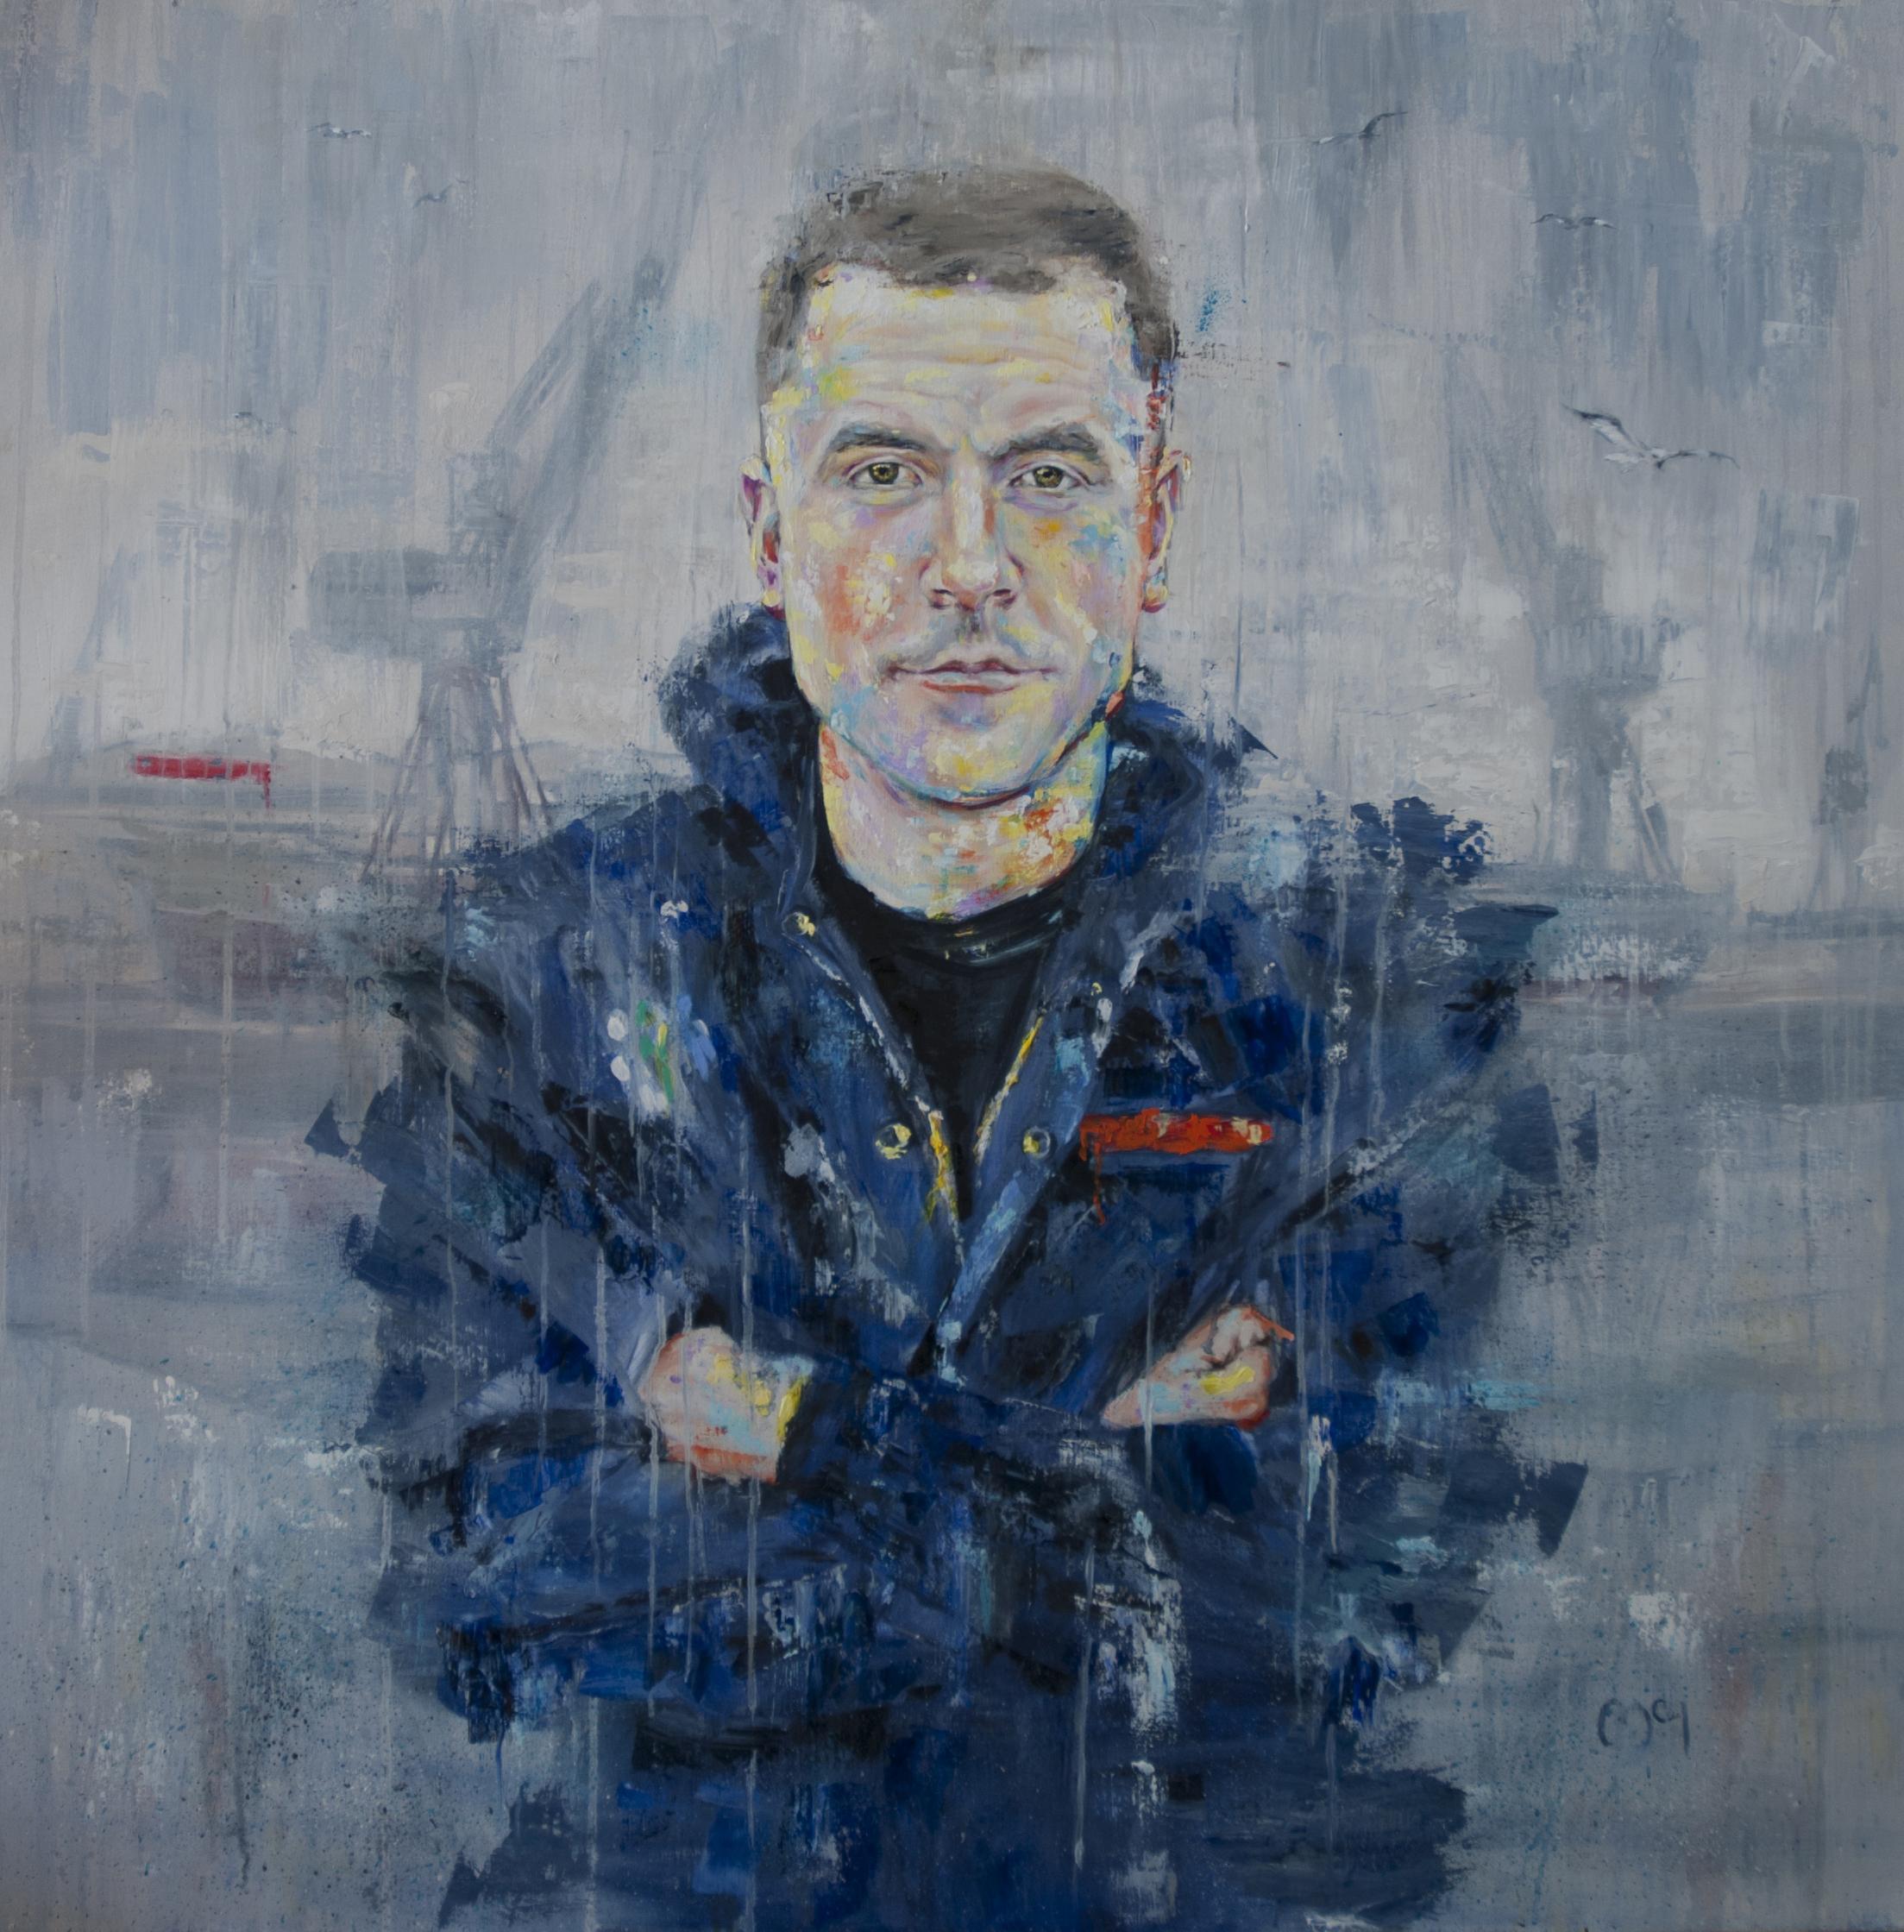 2017 SPA Exhibition  The Apprentice  120 x 120 cm  Oil  £950